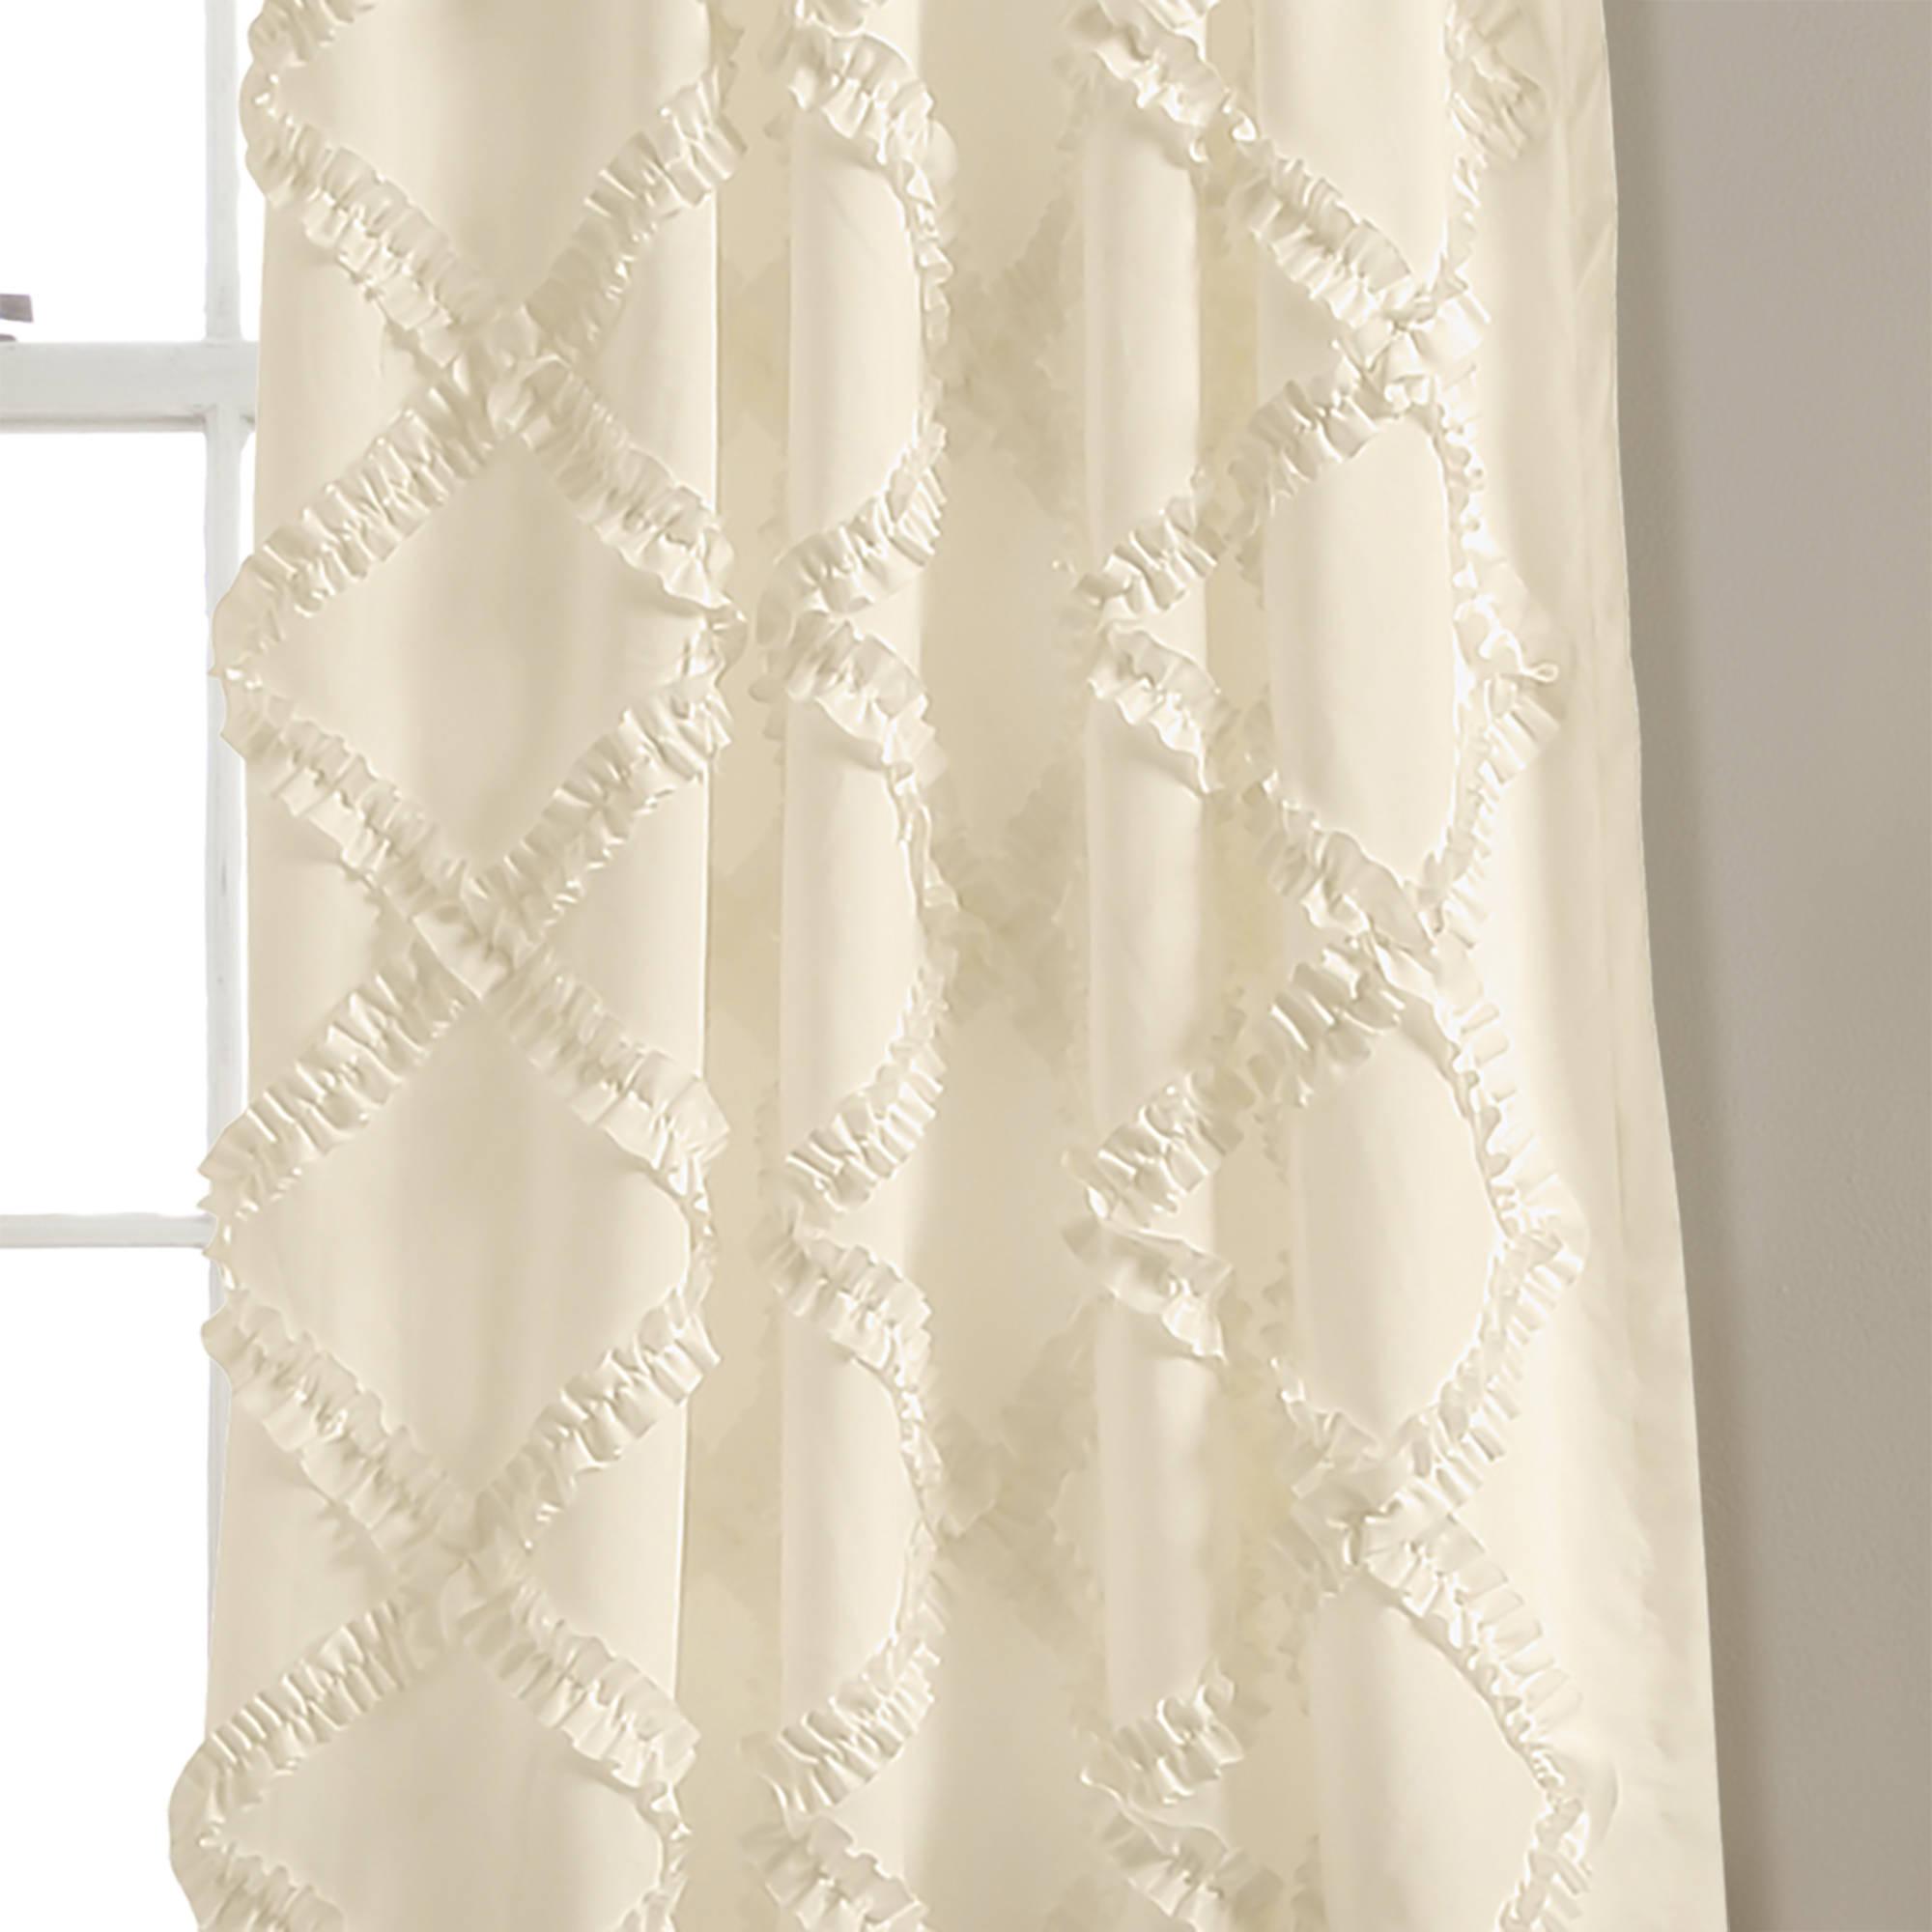 2021 Ruffle Diamond Window Curtain Set Regarding Ruffle Diamond Curtain Panel Pairs (View 18 of 20)